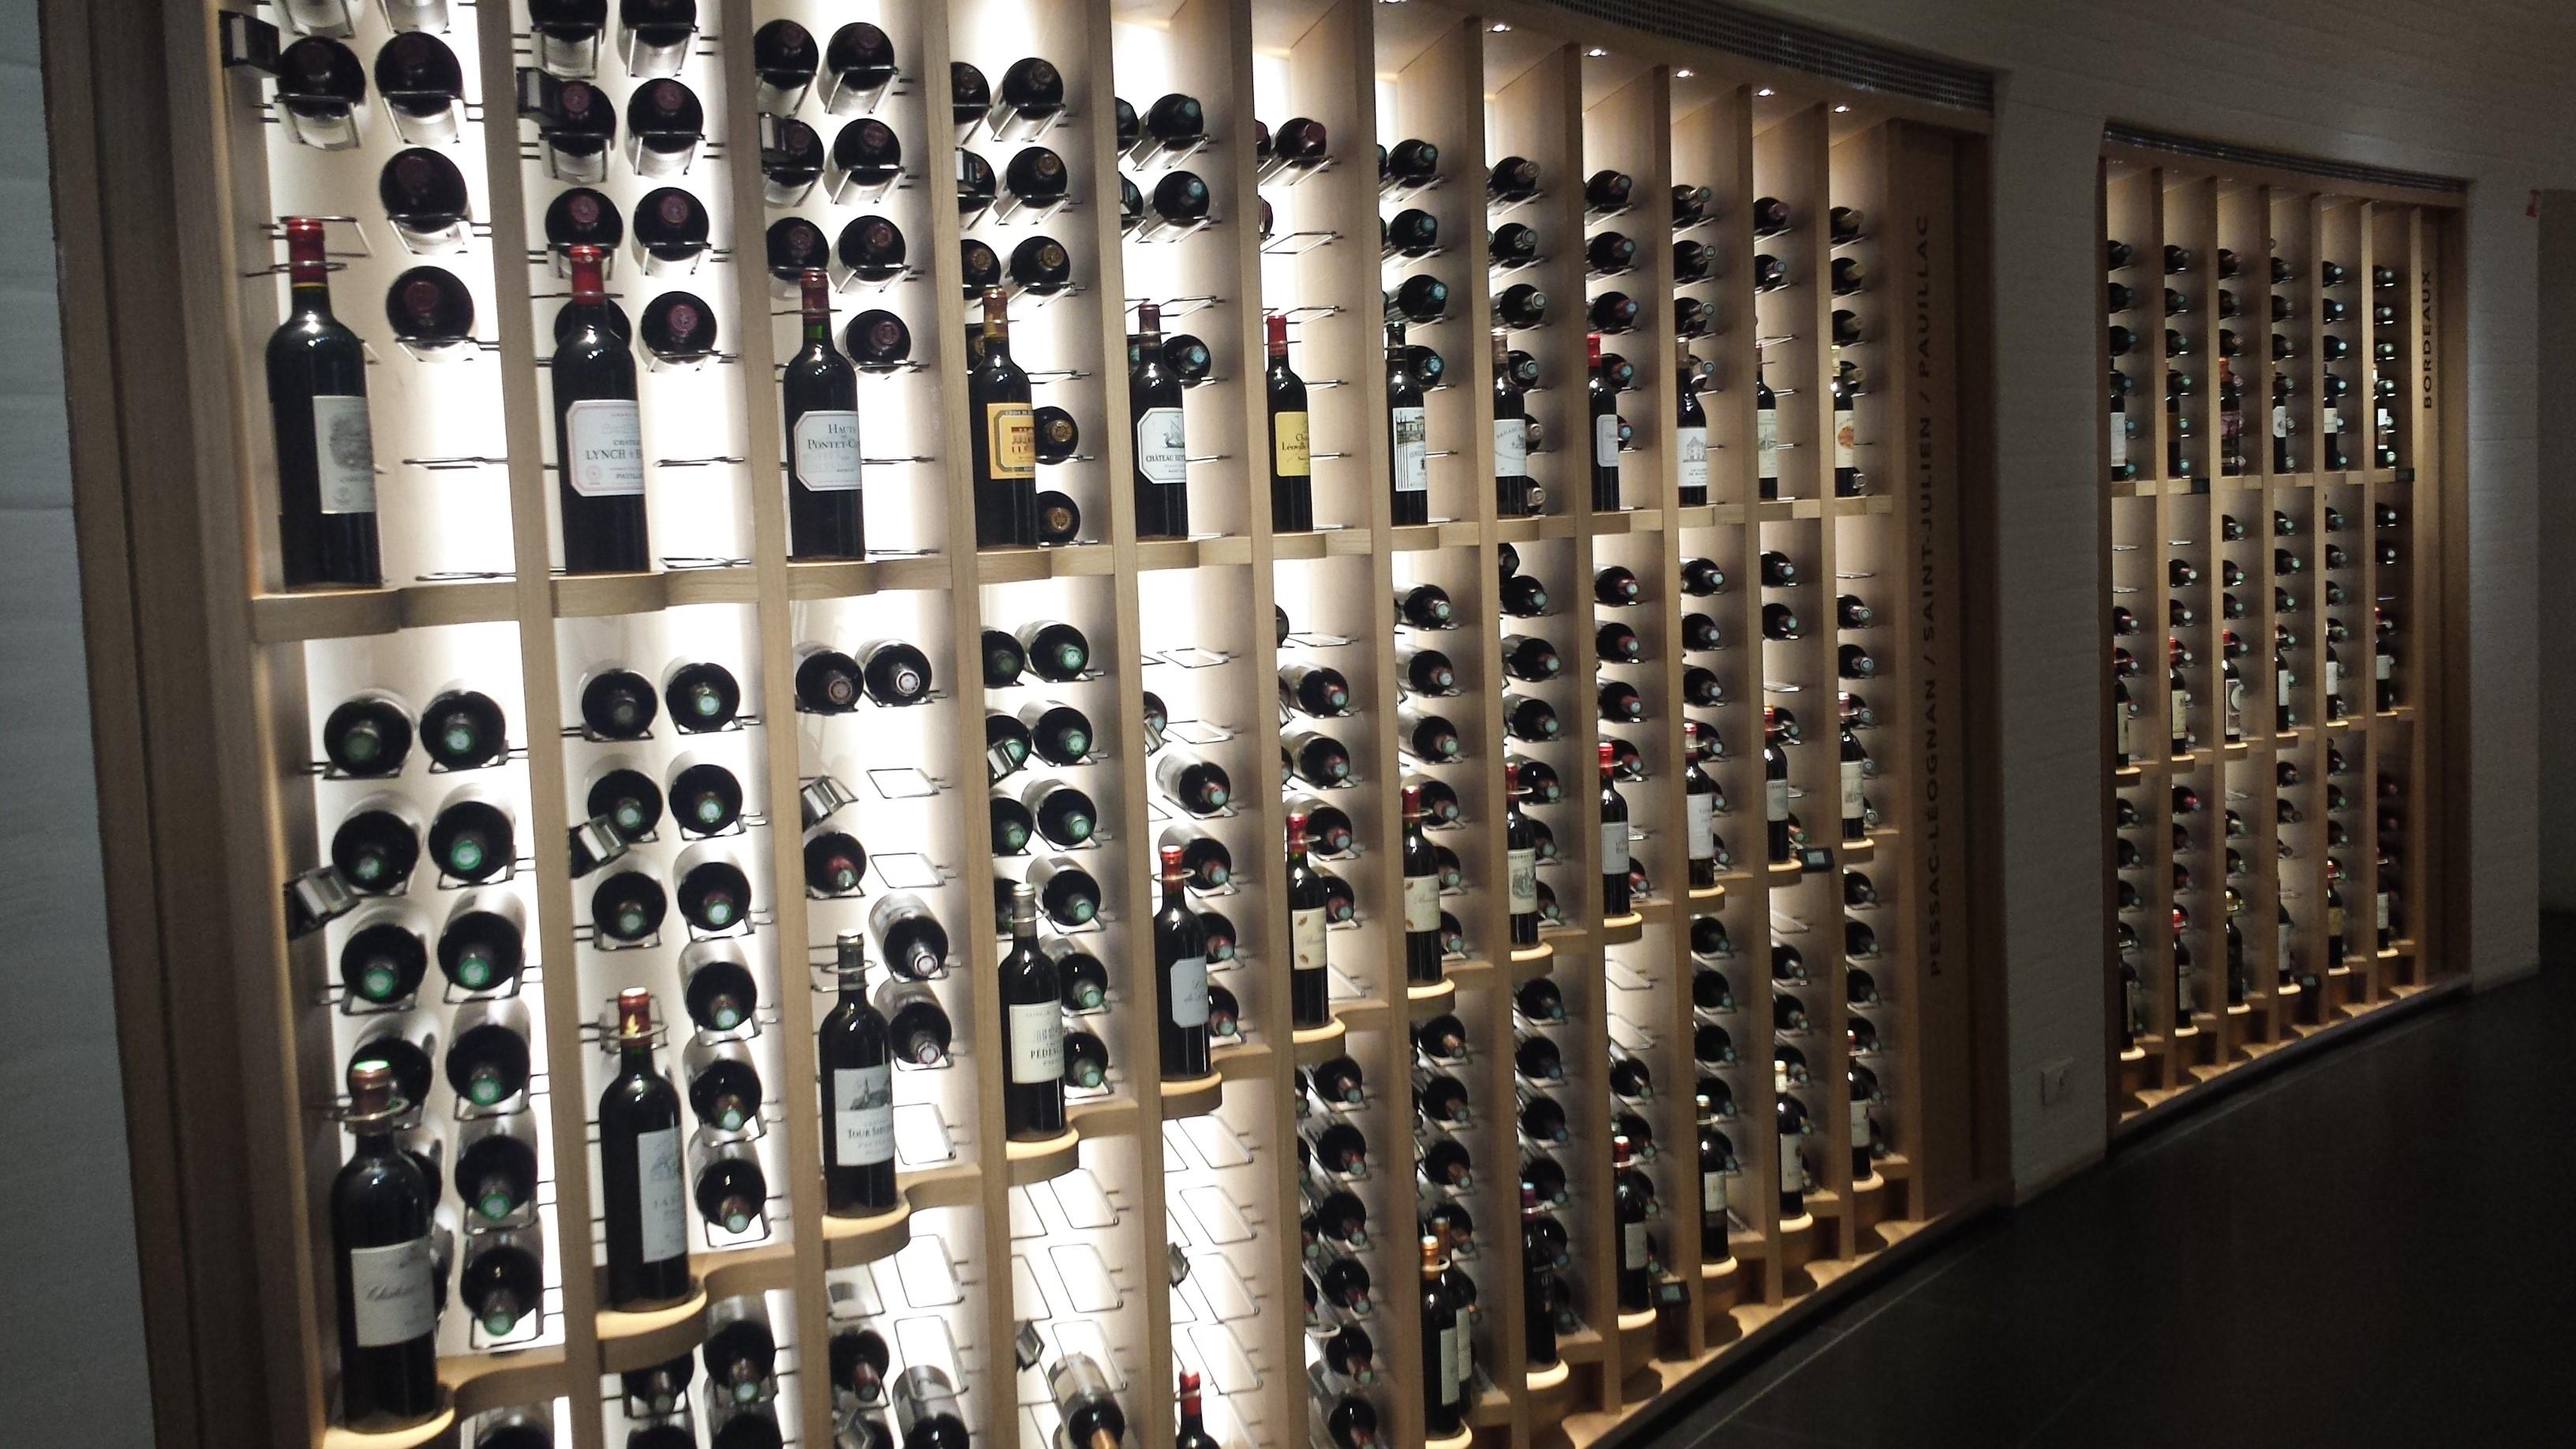 Des astuces pour bien conserver son vin blog cuisine et - Les astuces pour bien eclairer son salon ...